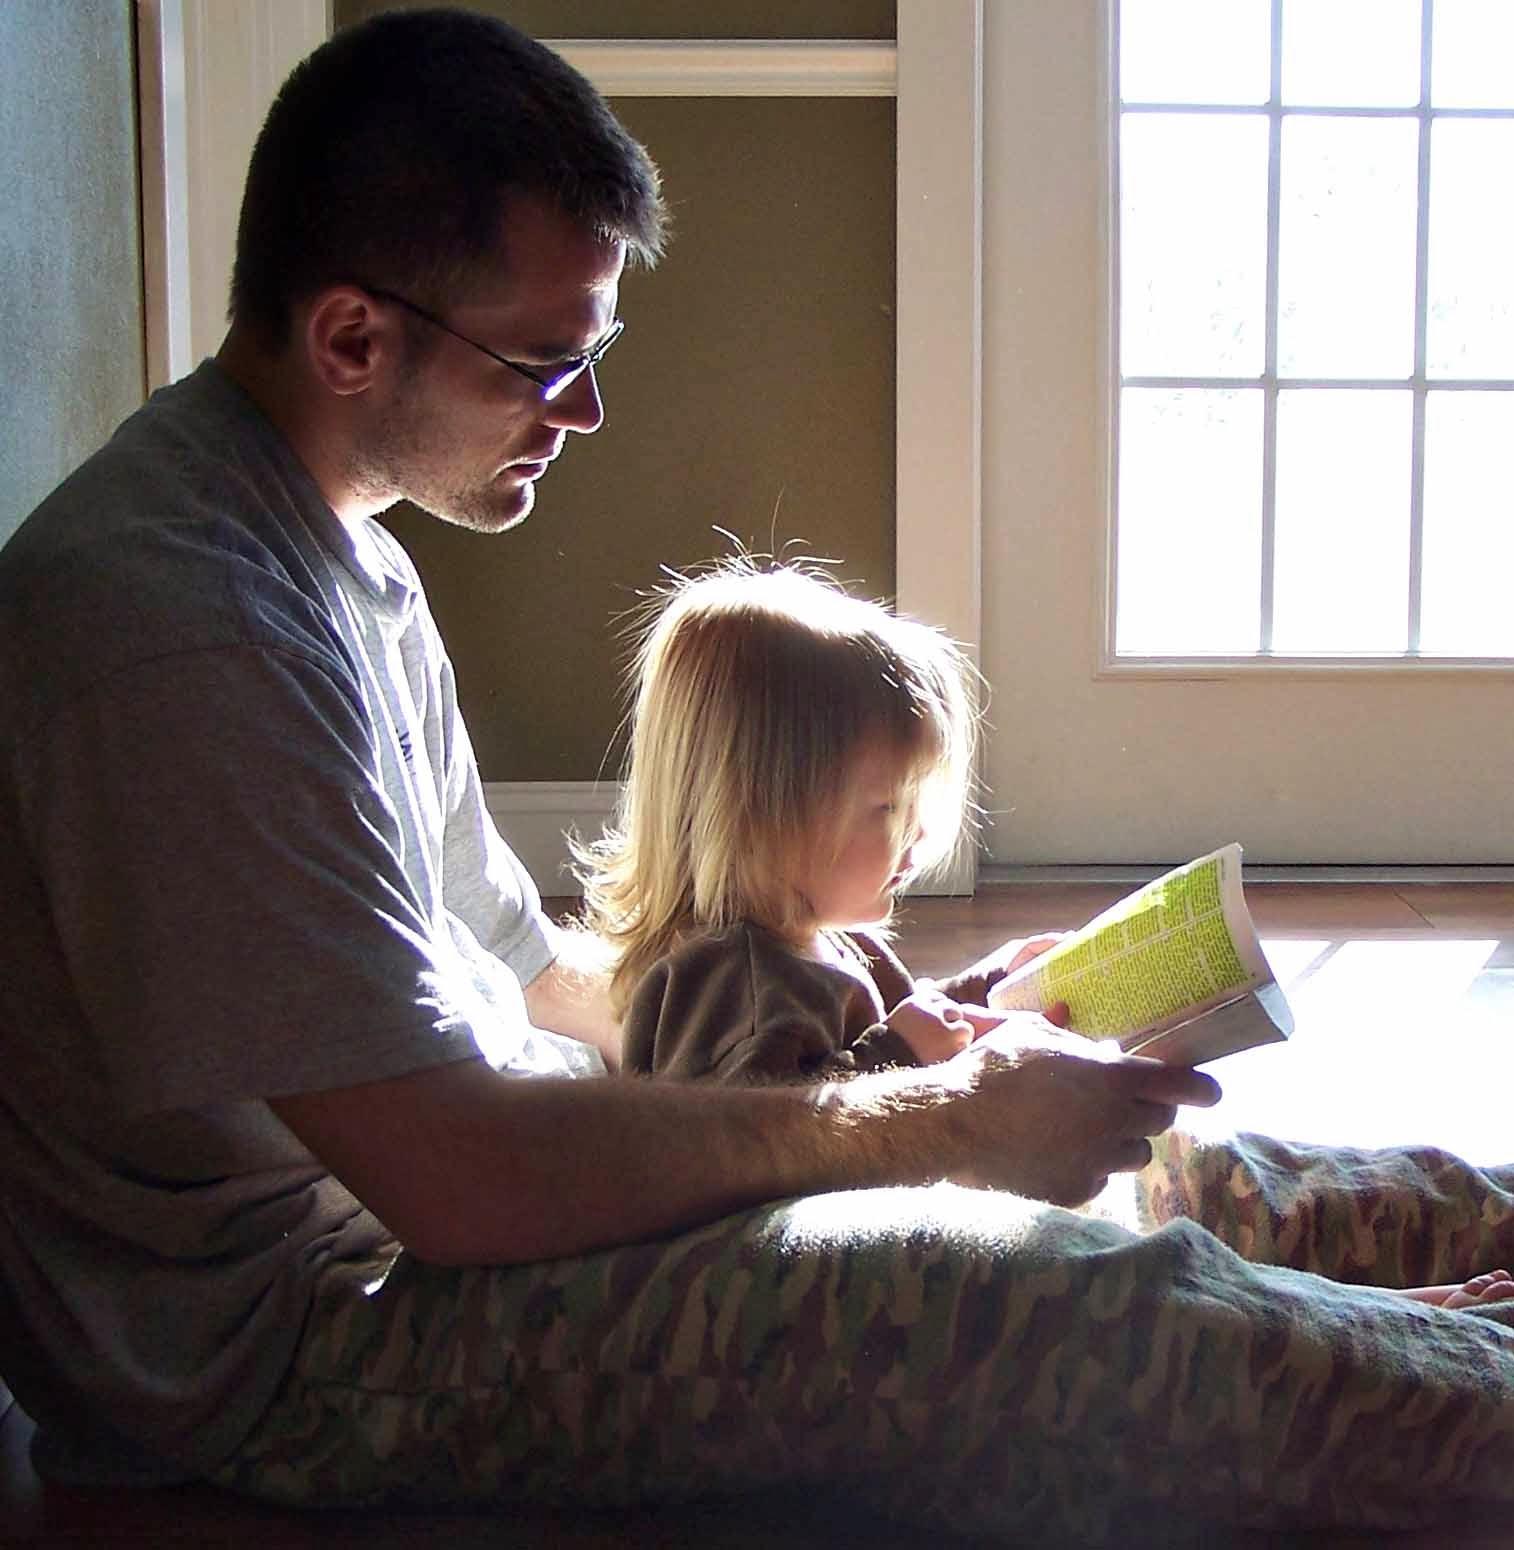 ΕΠΕΙΓΟΝ! Επίδομα τέκνου από τον ΟΓΑ για τους χωρισμένους μπαμπάδες